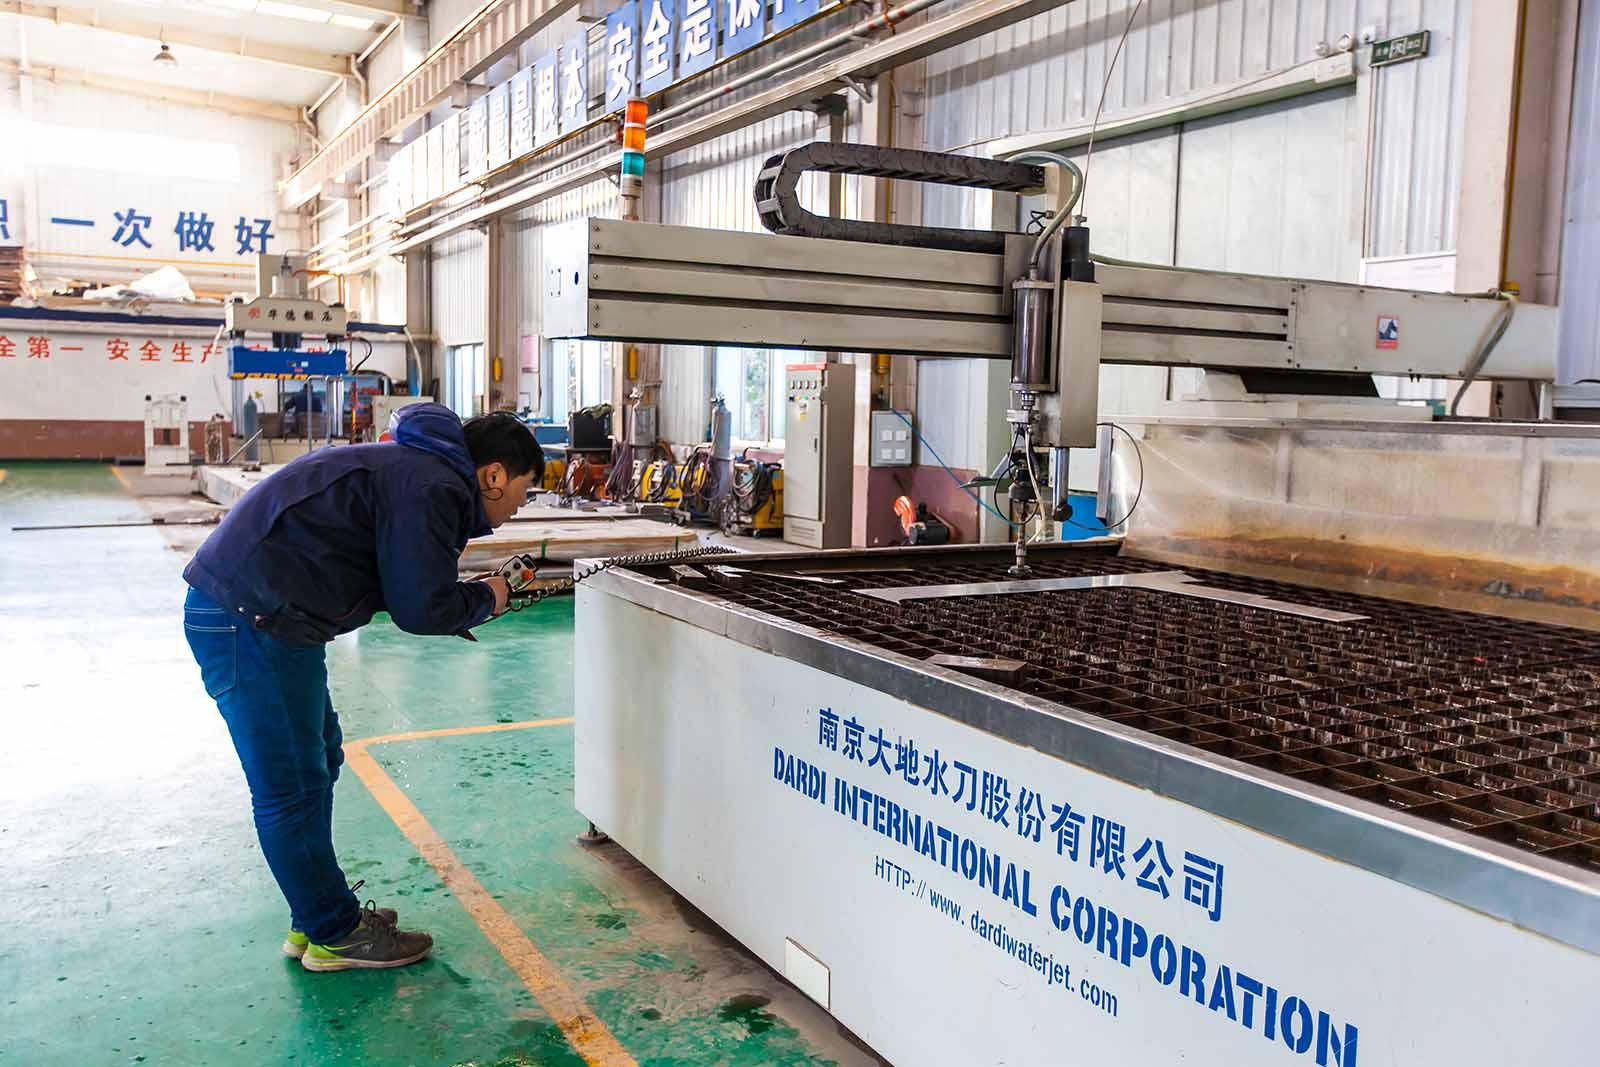 西安翔辉机电科技有限责任公司大型数控水刀设备